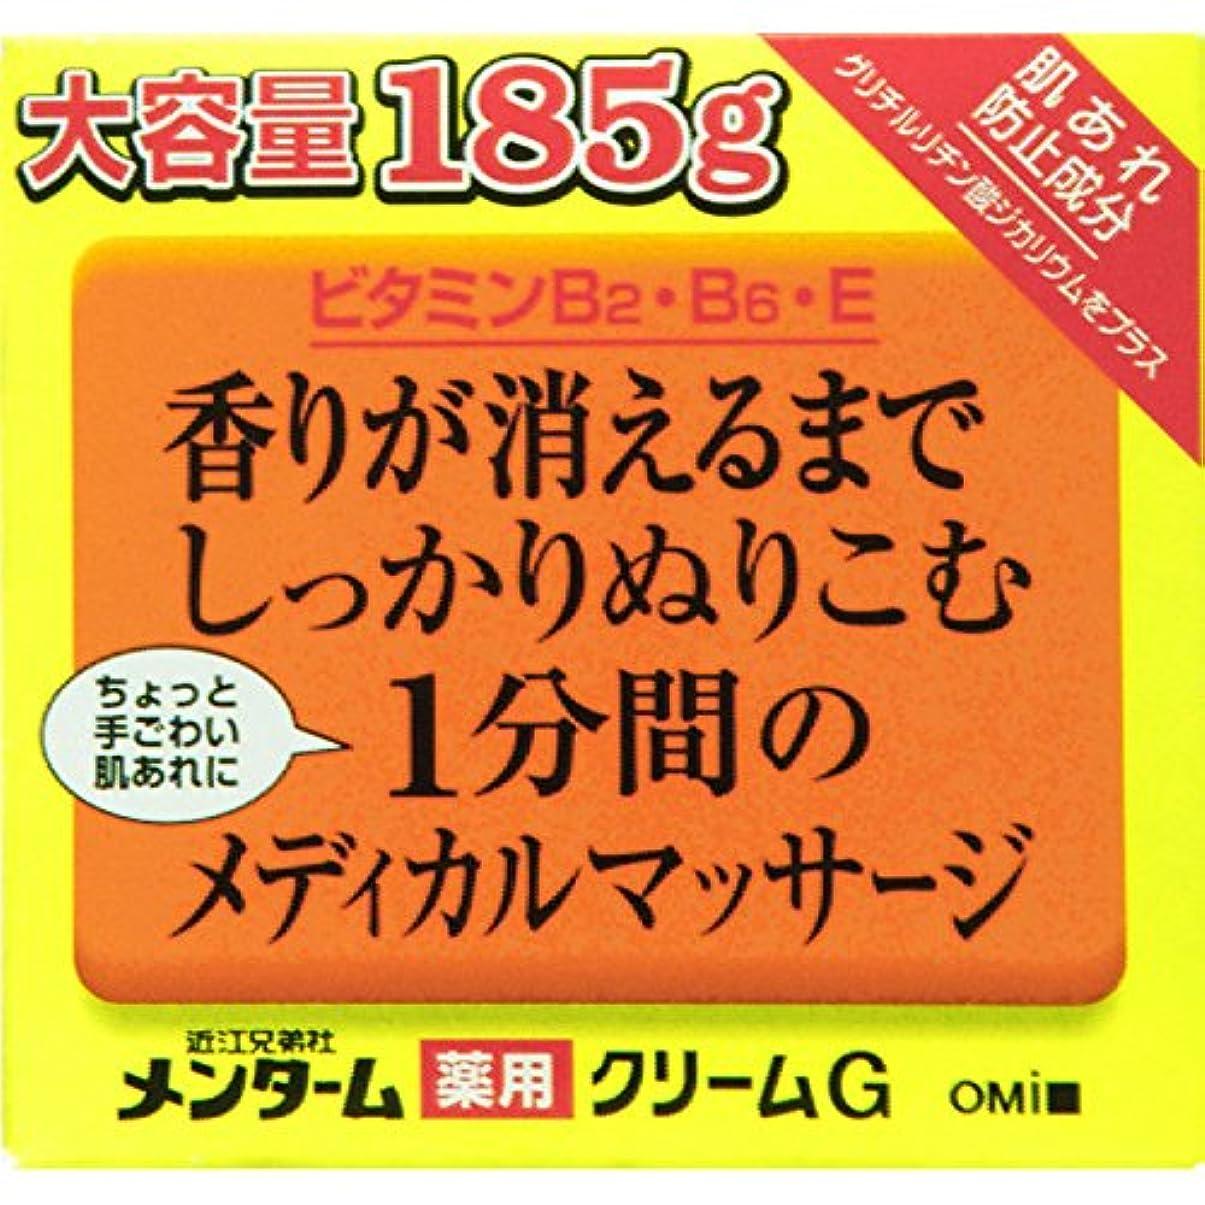 ライムズーム啓示MKM メンタームメディカルクリーム 185g